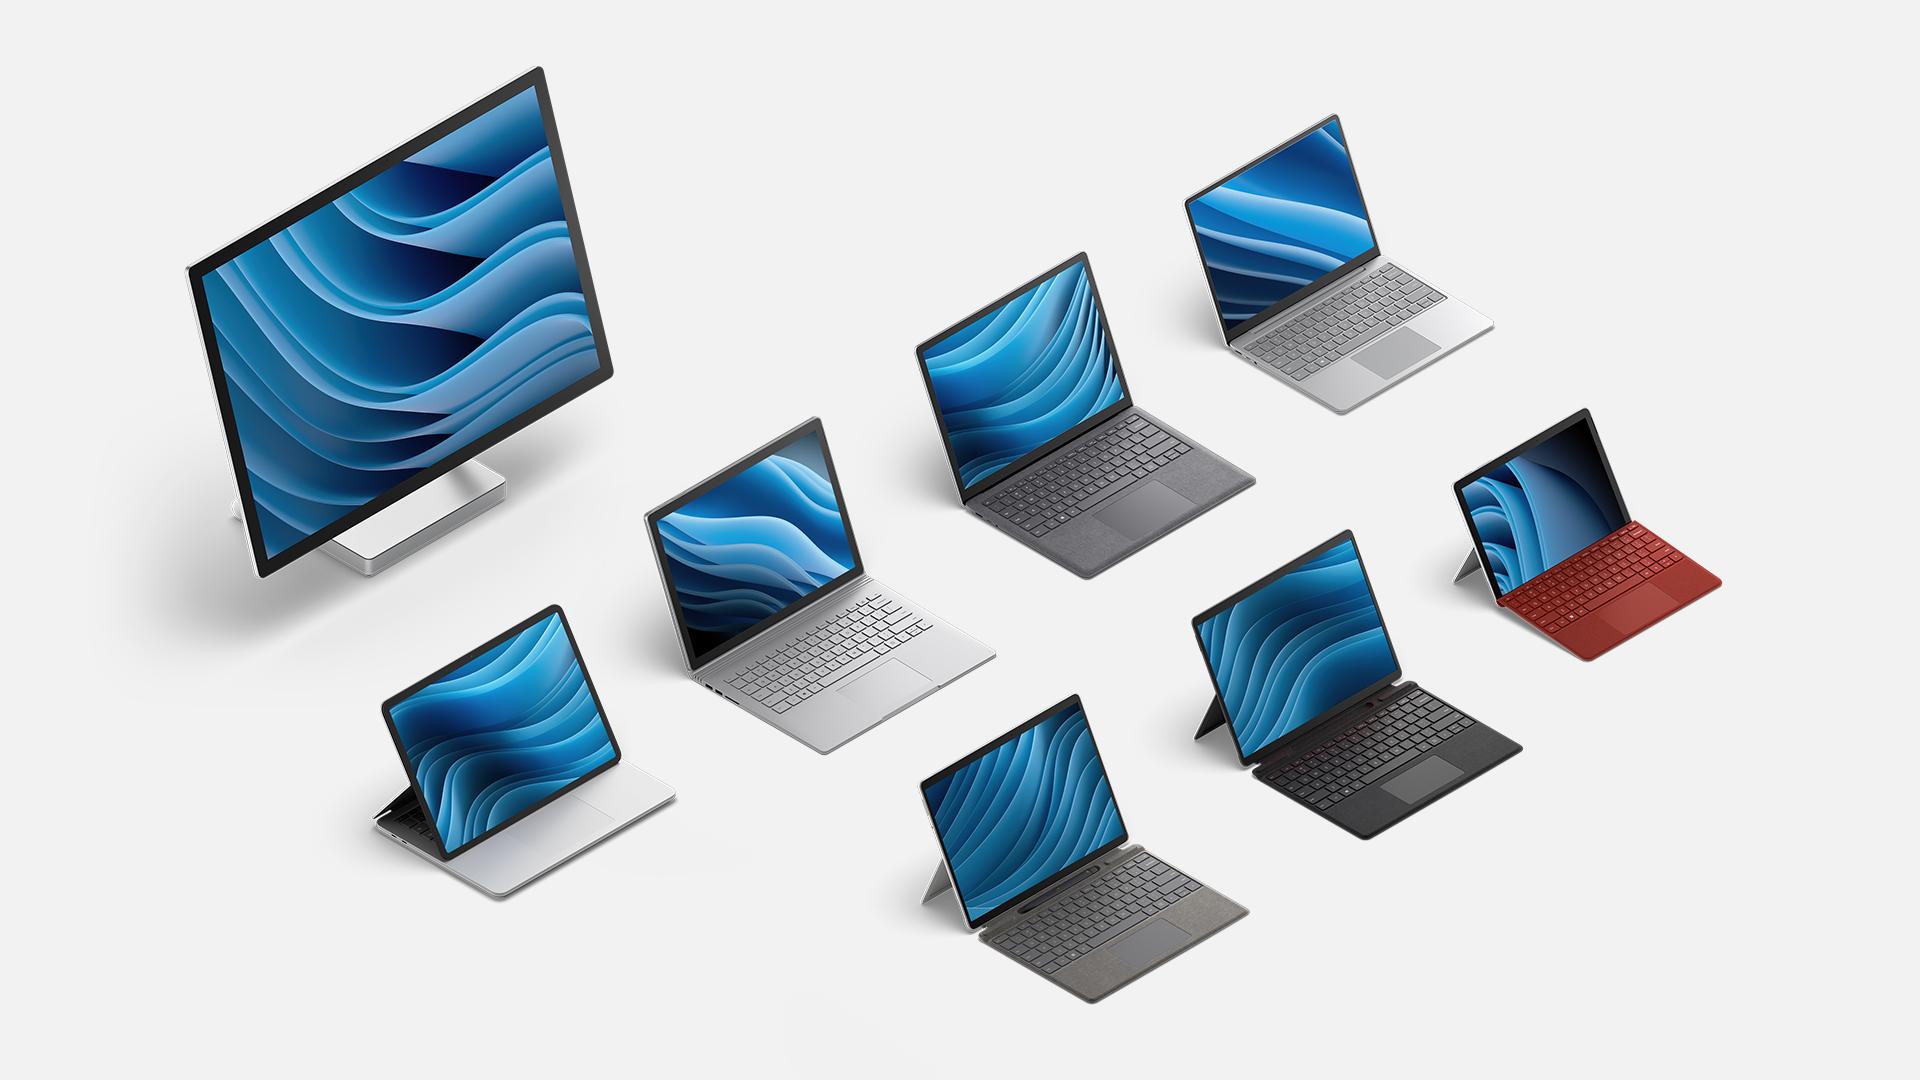 Una raccolta di tutti i dispositivi della famiglia Surface.